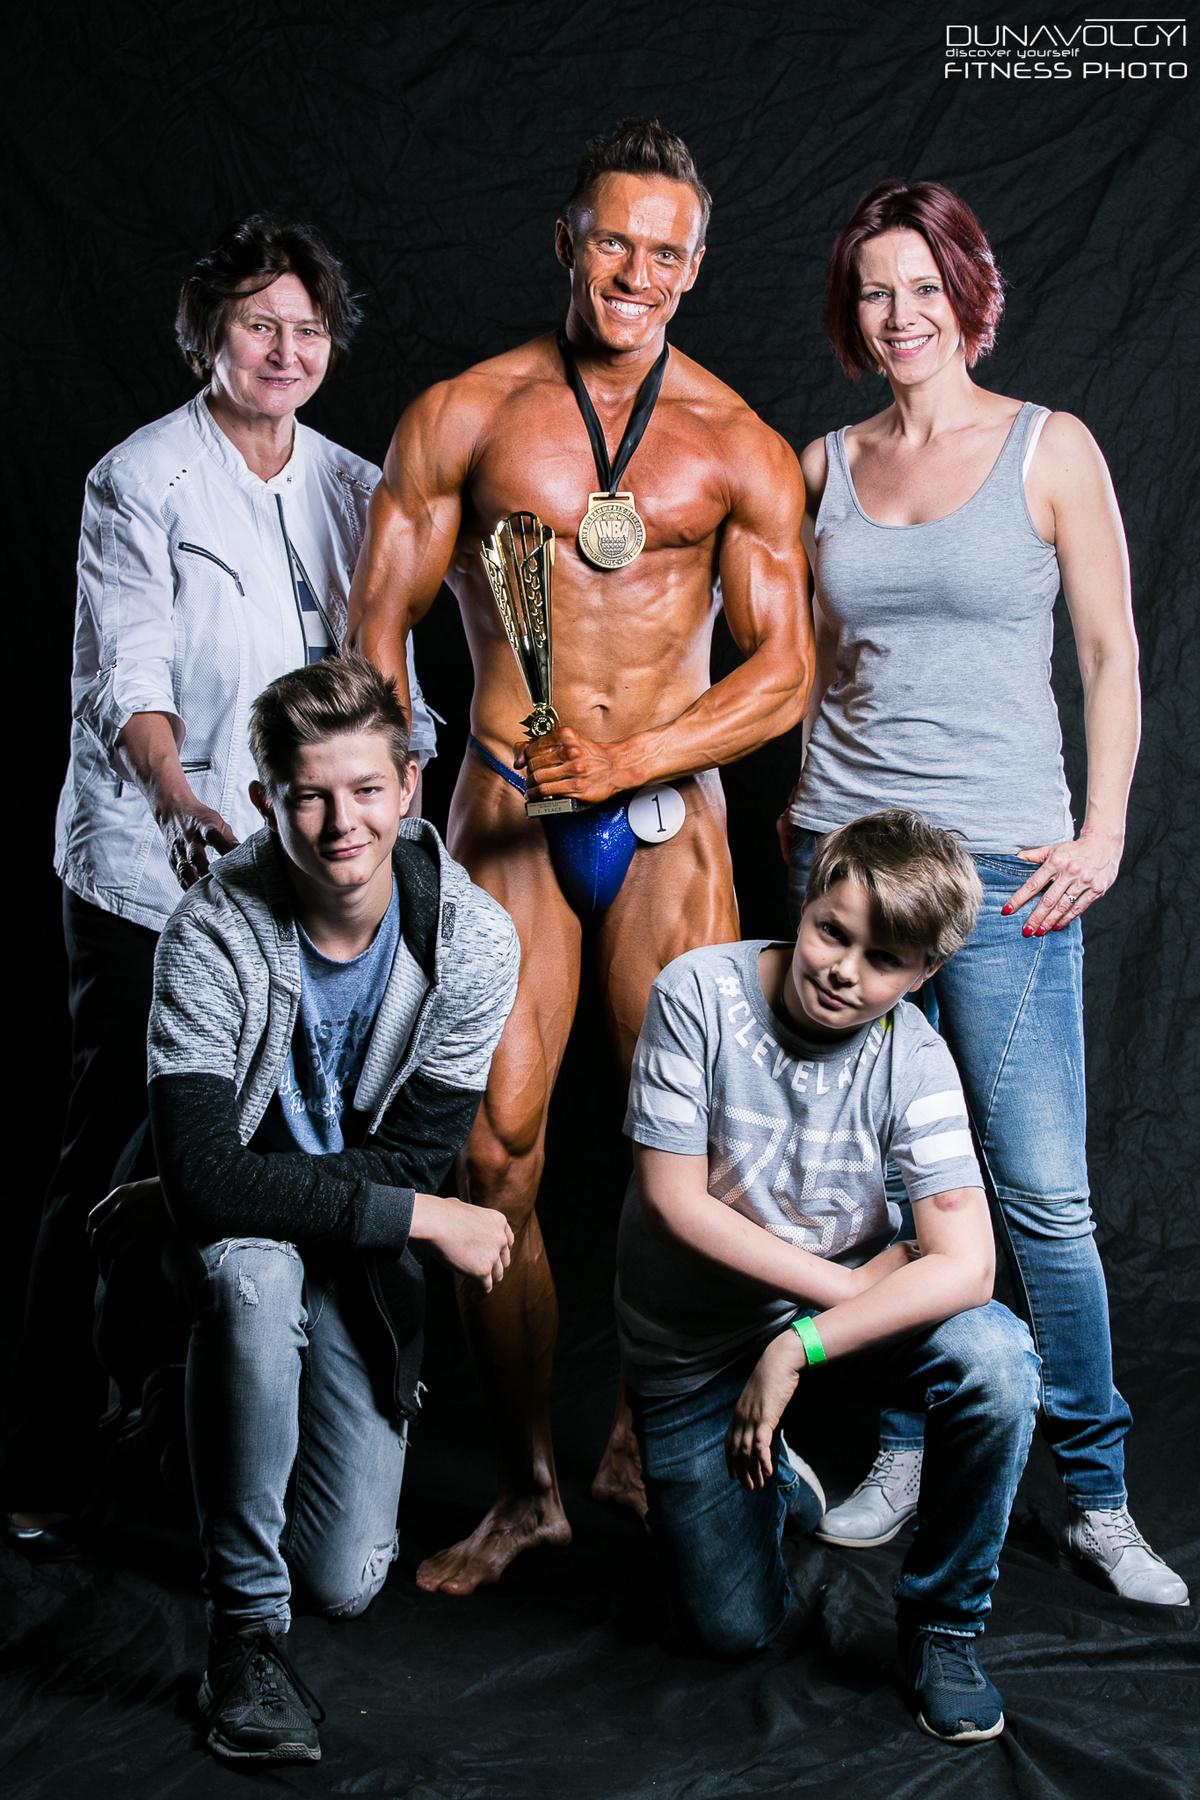 Köszönöm mindenekelőtt a családomnak, hogy nemcsak elviseltek, hanem a legmesszebbmenőkig támogattak! - írta Gömöri András Máté a versenyeredményről szóló posztba.